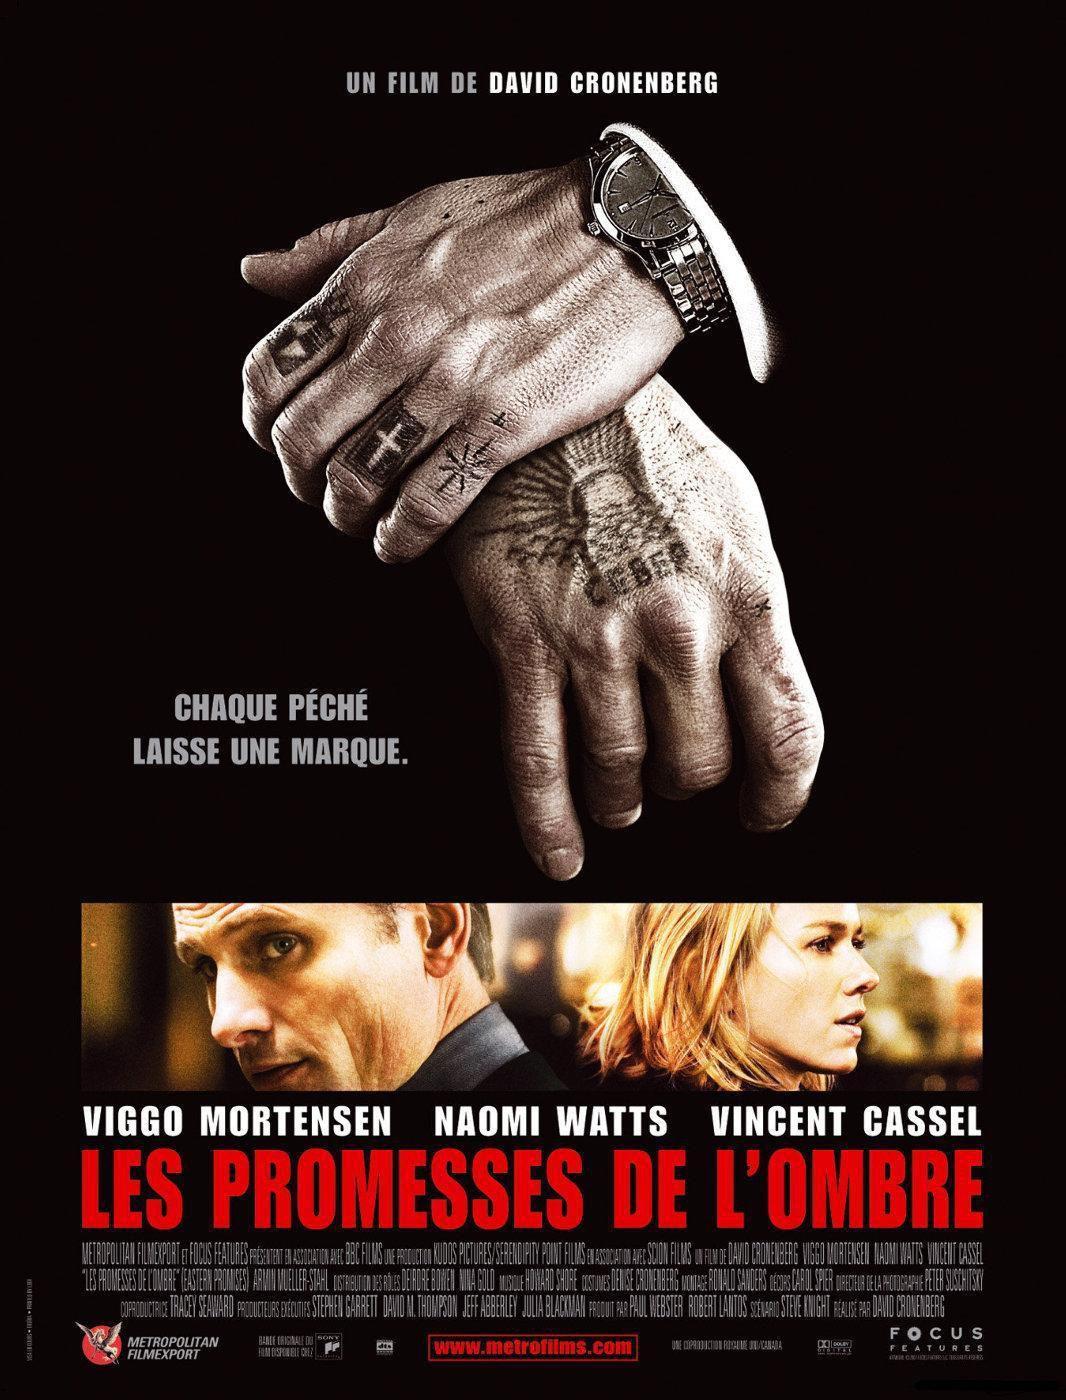 LES PROMESSES DE L'OMBRE - David Cronenberg (2007)